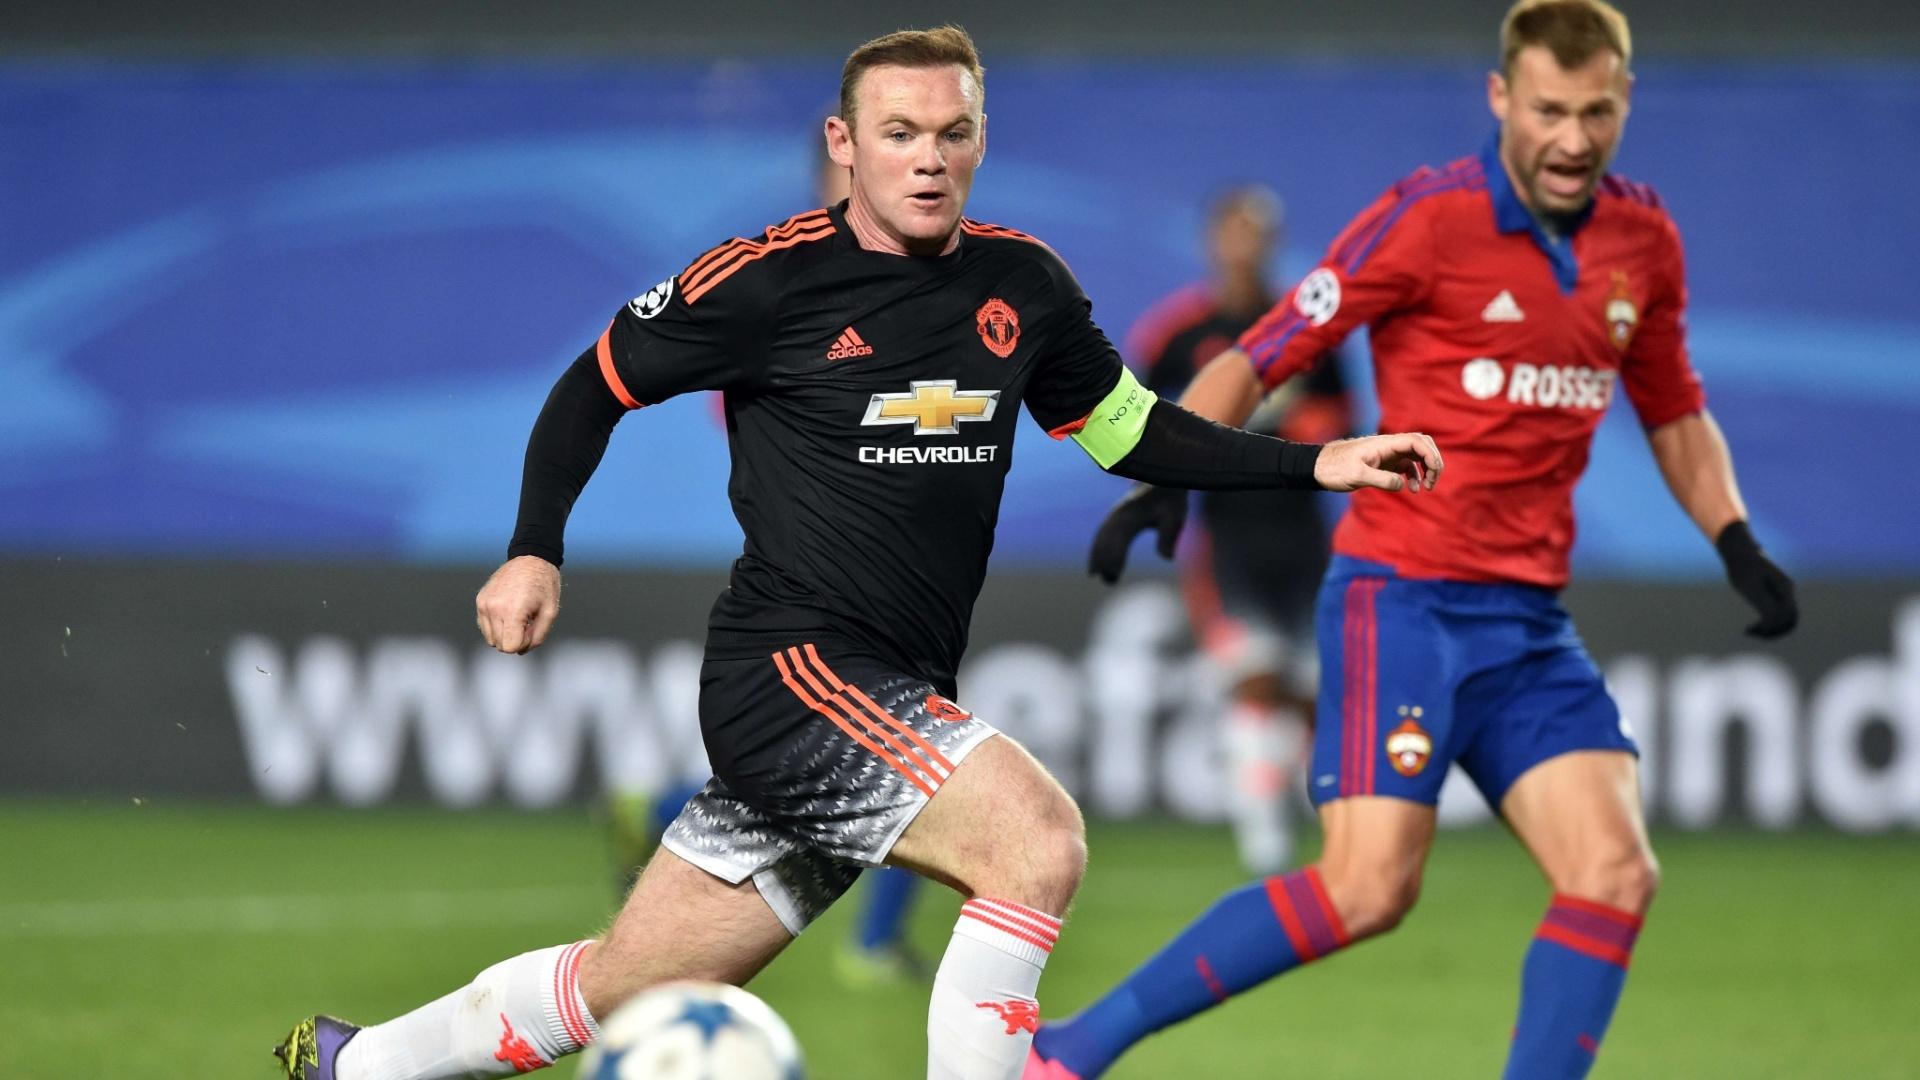 Rooney tenta superar a marcação no confronto entre Manchester United e CSKA pela Liga dos Campeões